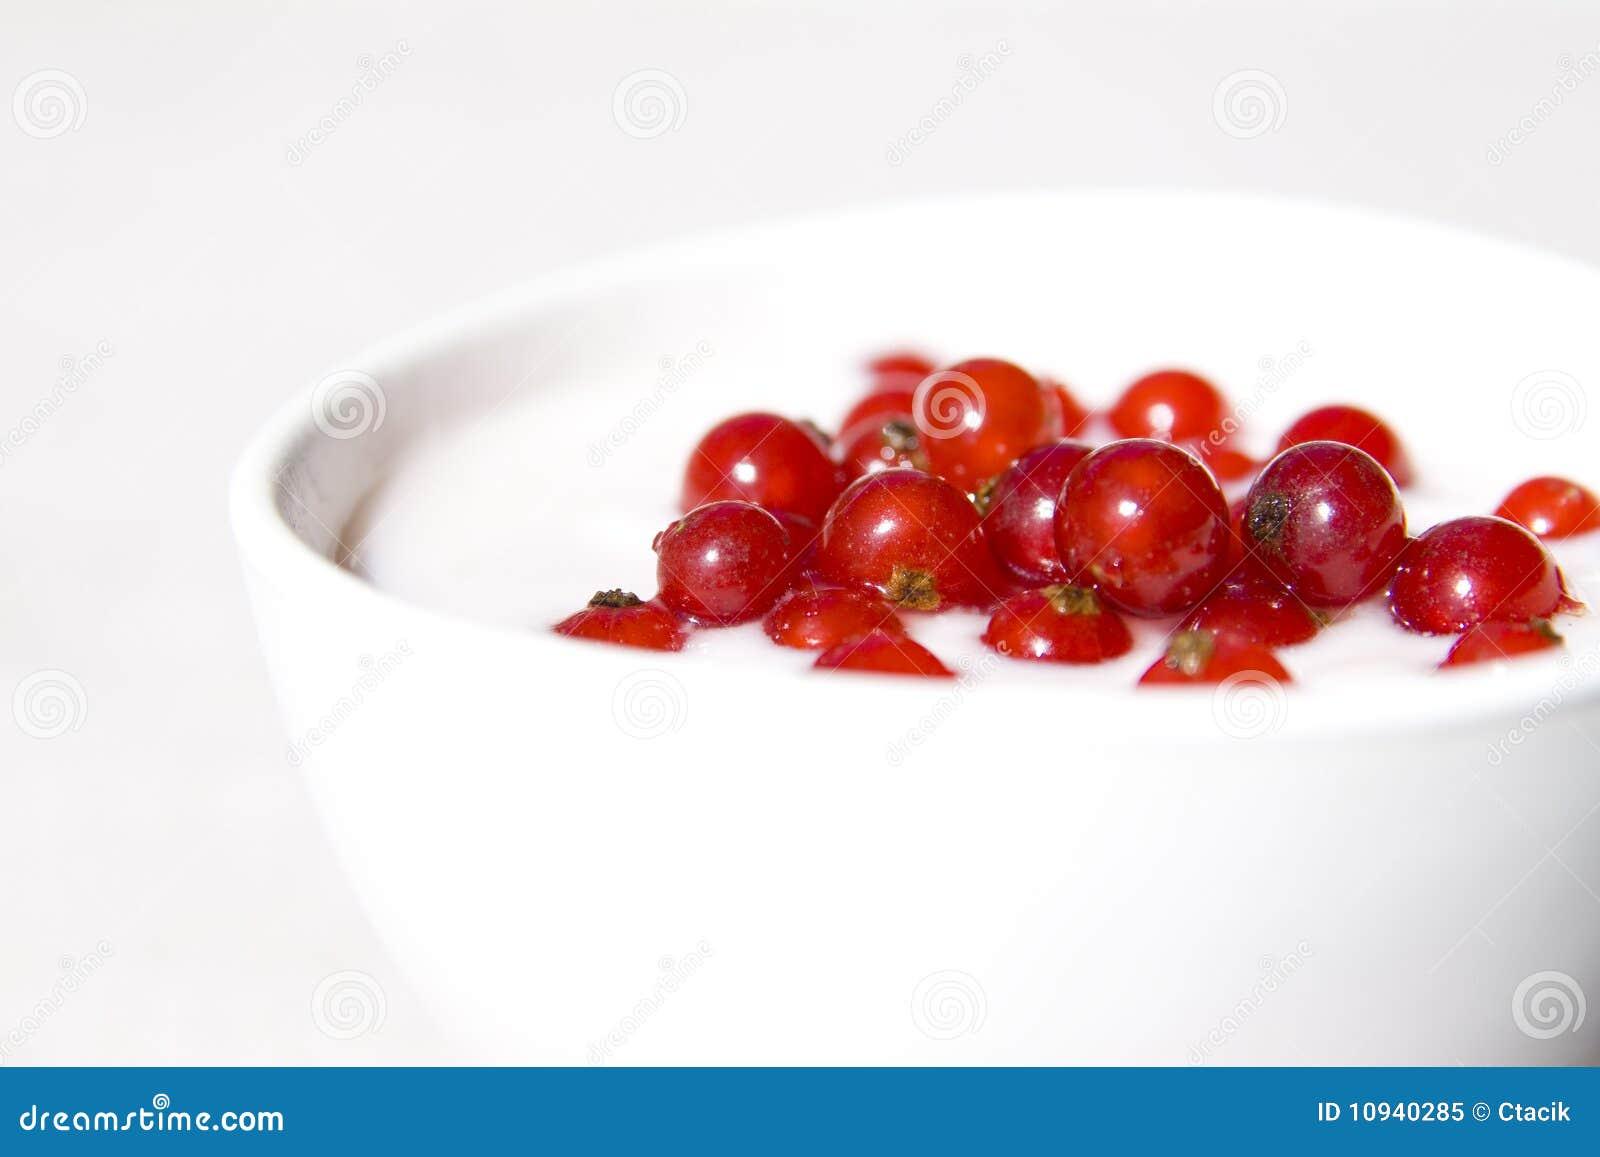 югурт красного цвета смородины